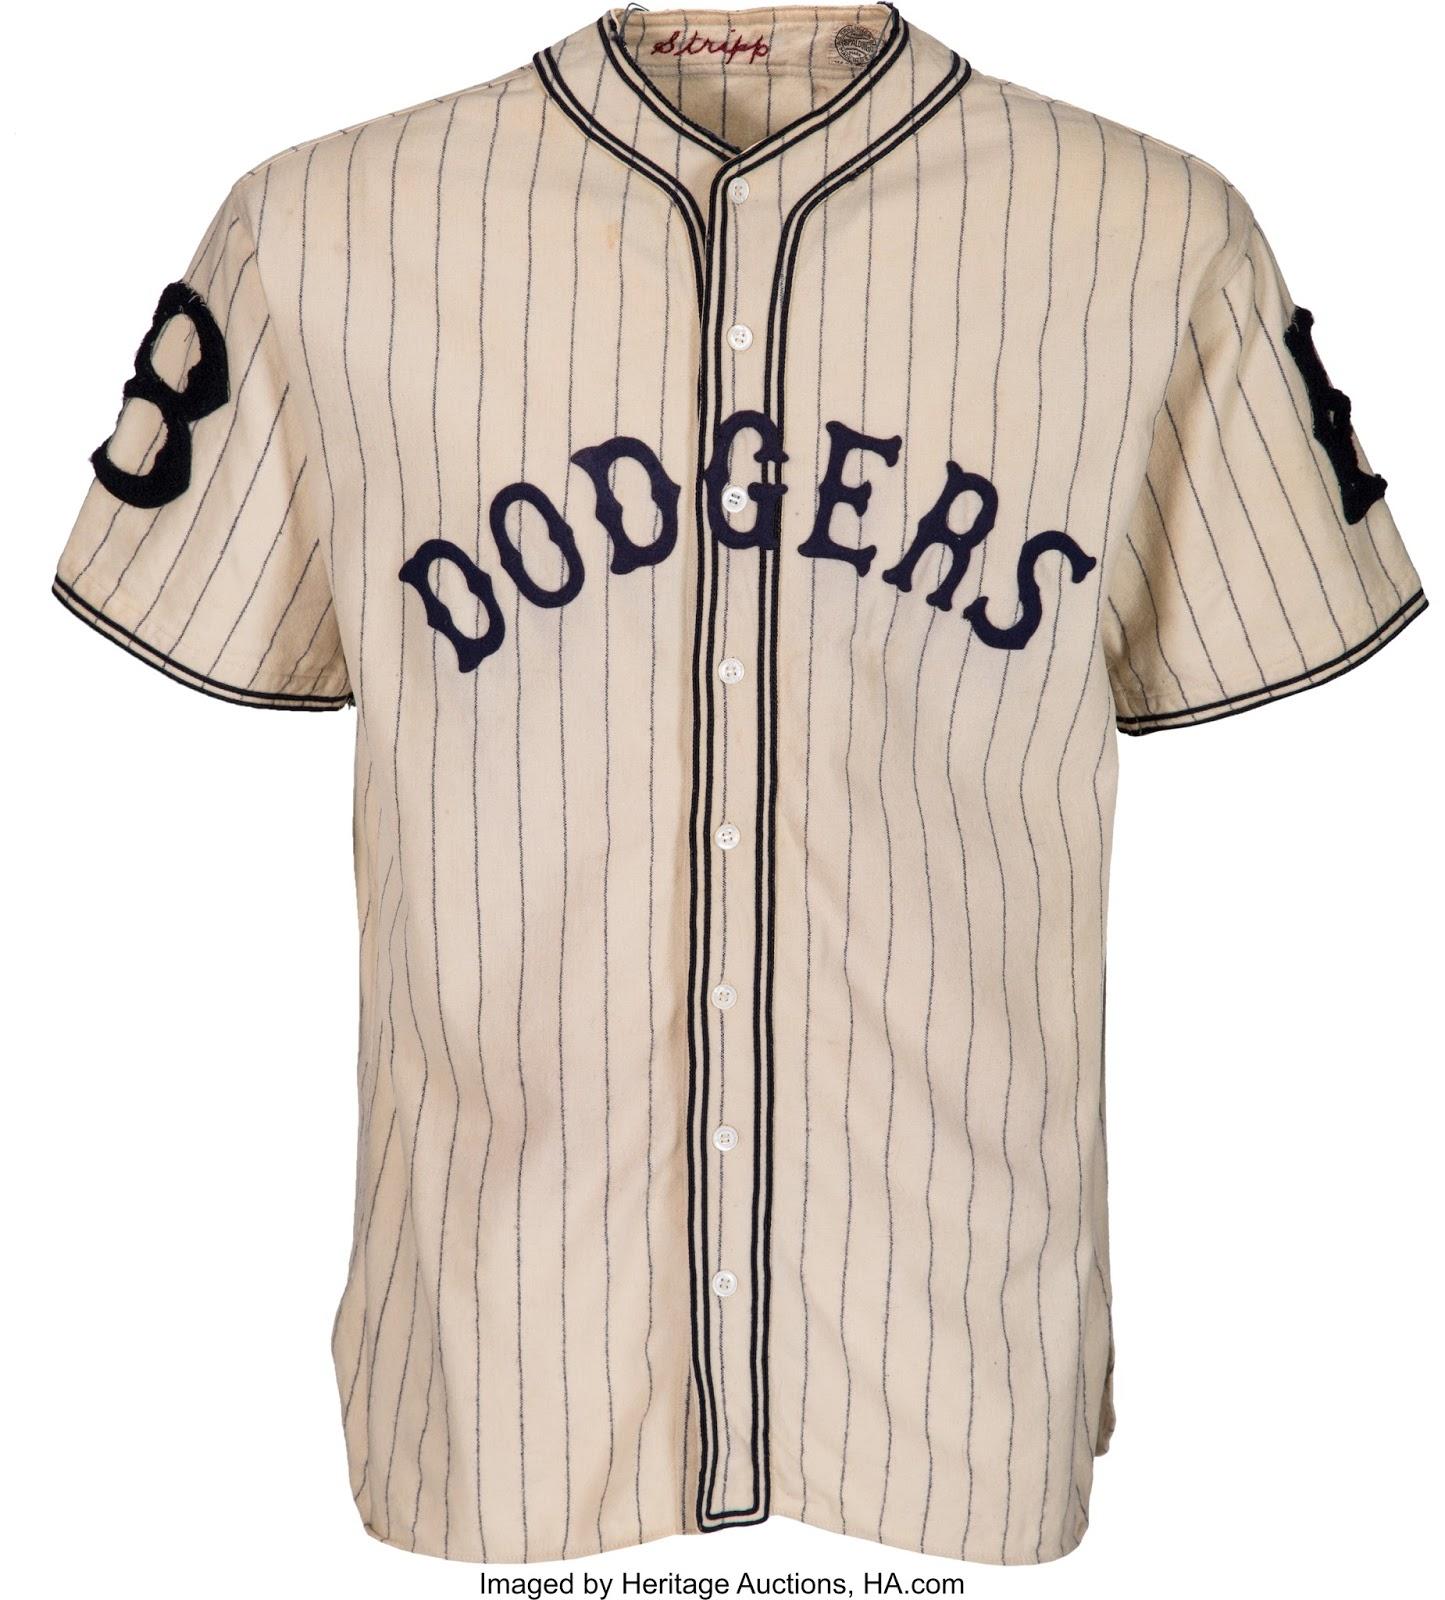 Dodgers Blue Heaven  Check Out this Vintage Dodger Pinstripes Uniform - 1933 c7e63a0b23c